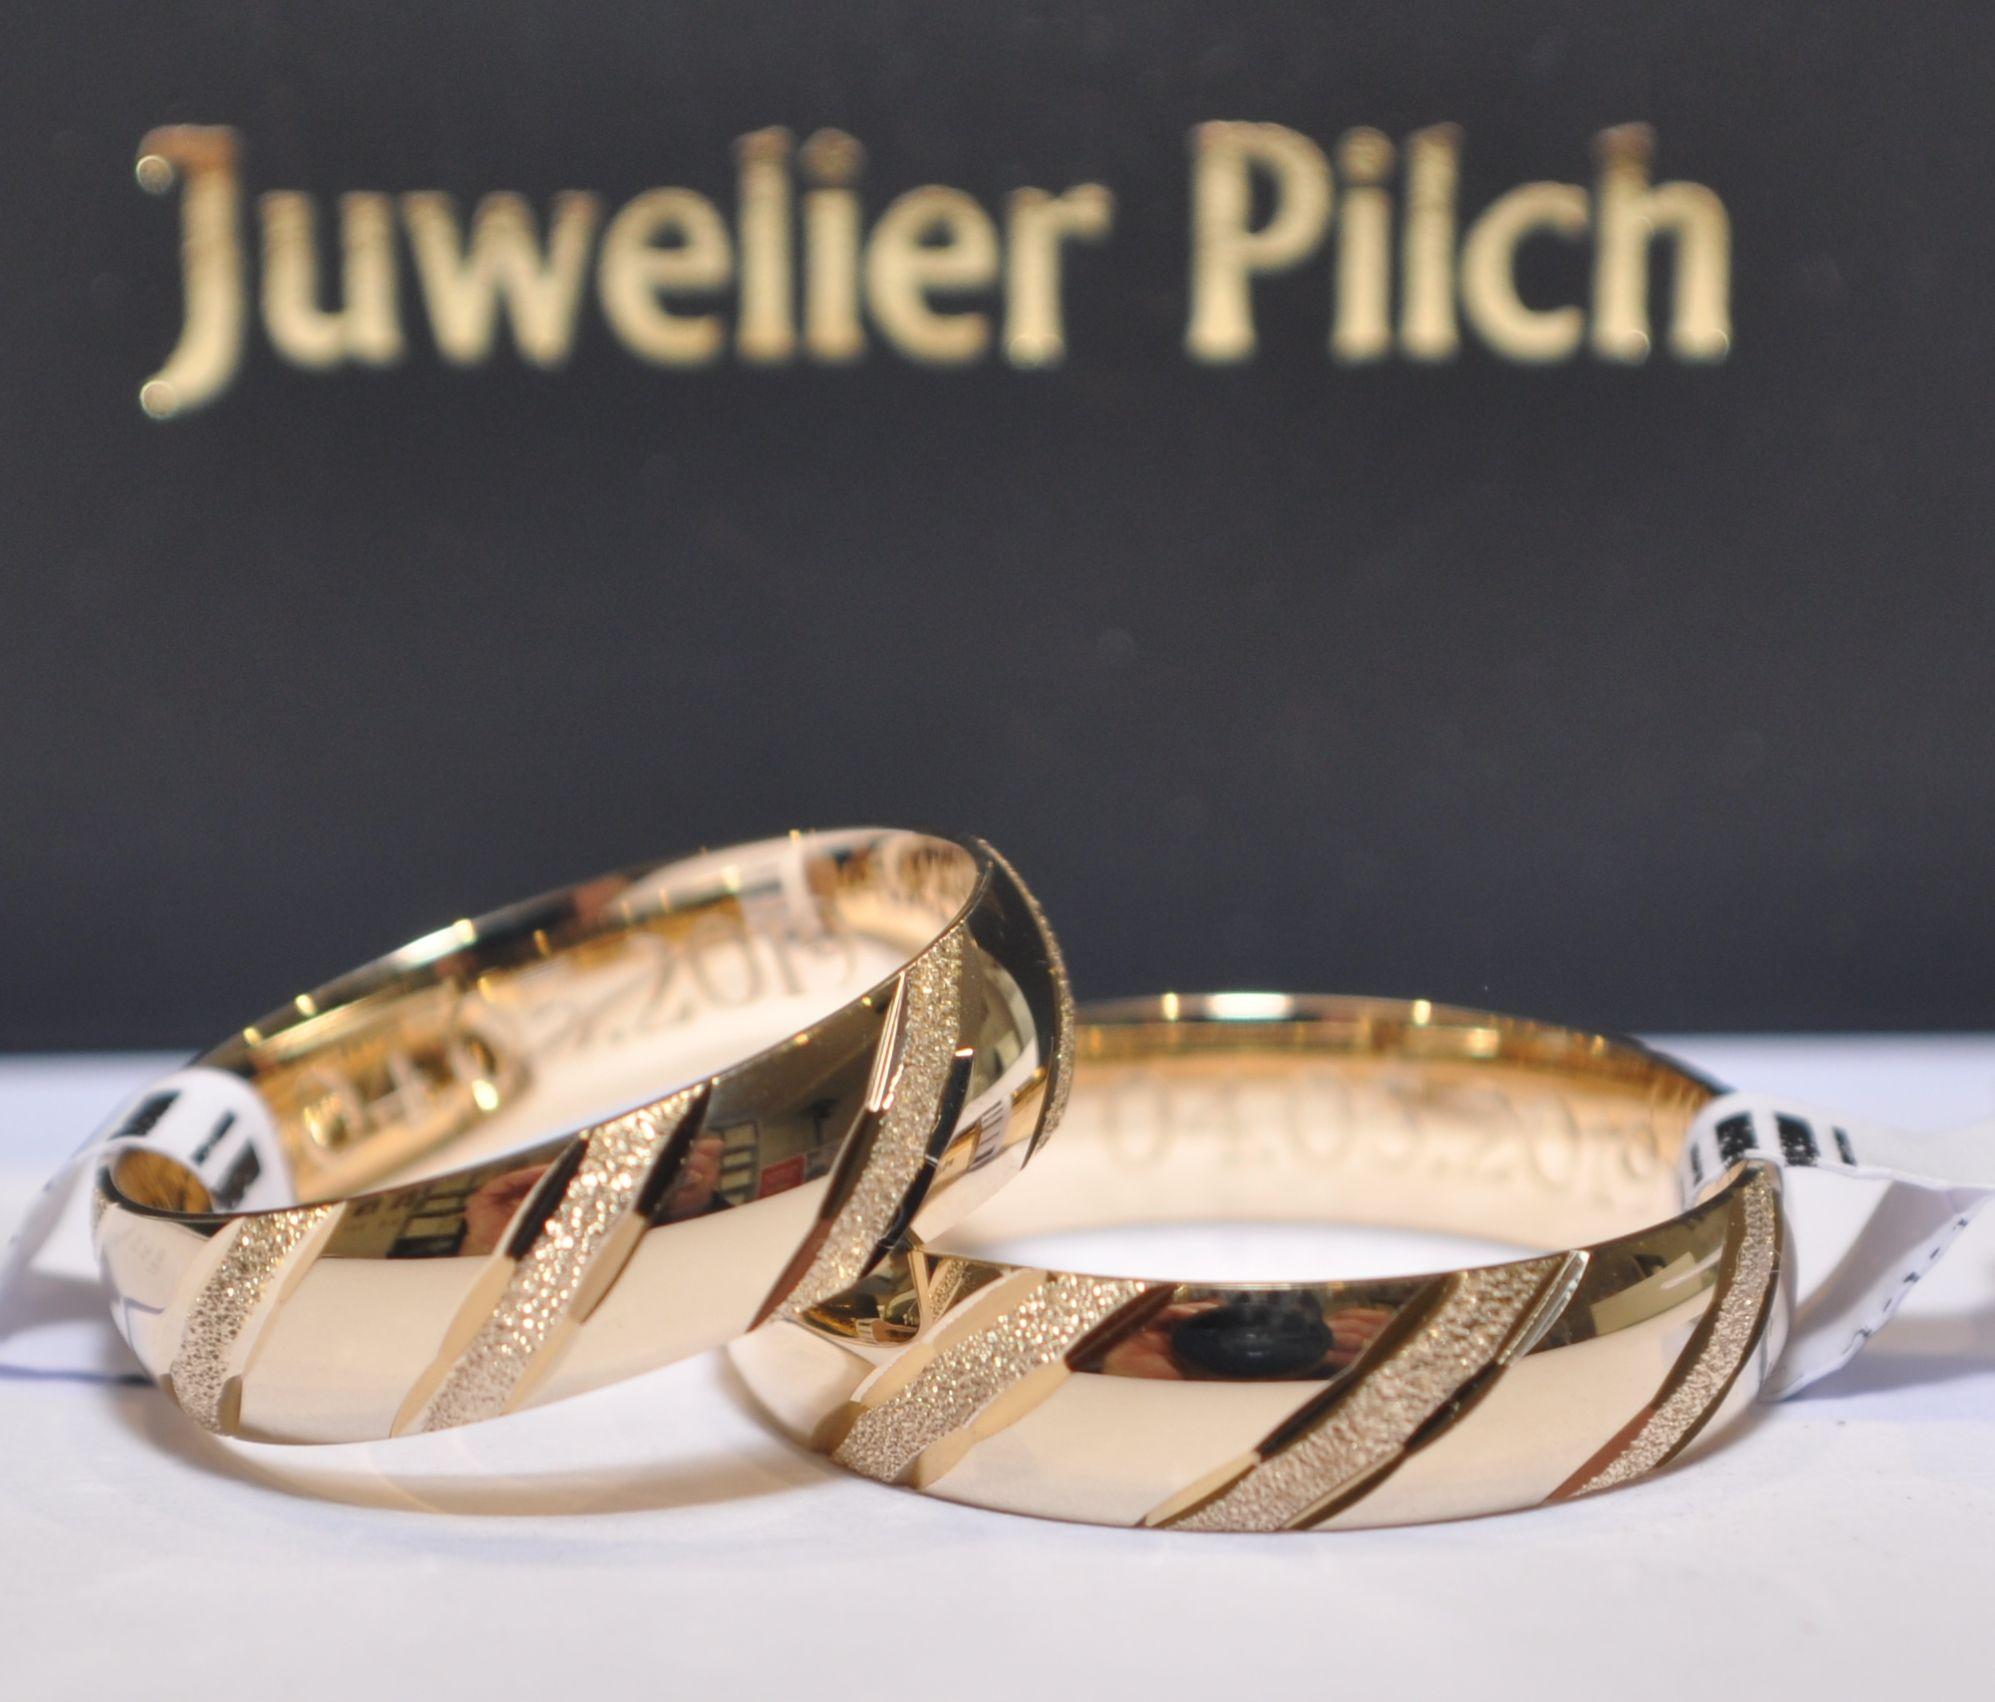 4 Paar Trauringe Hochzeitsringe Gold 4 - Breite: 4,4 mm - Stärke